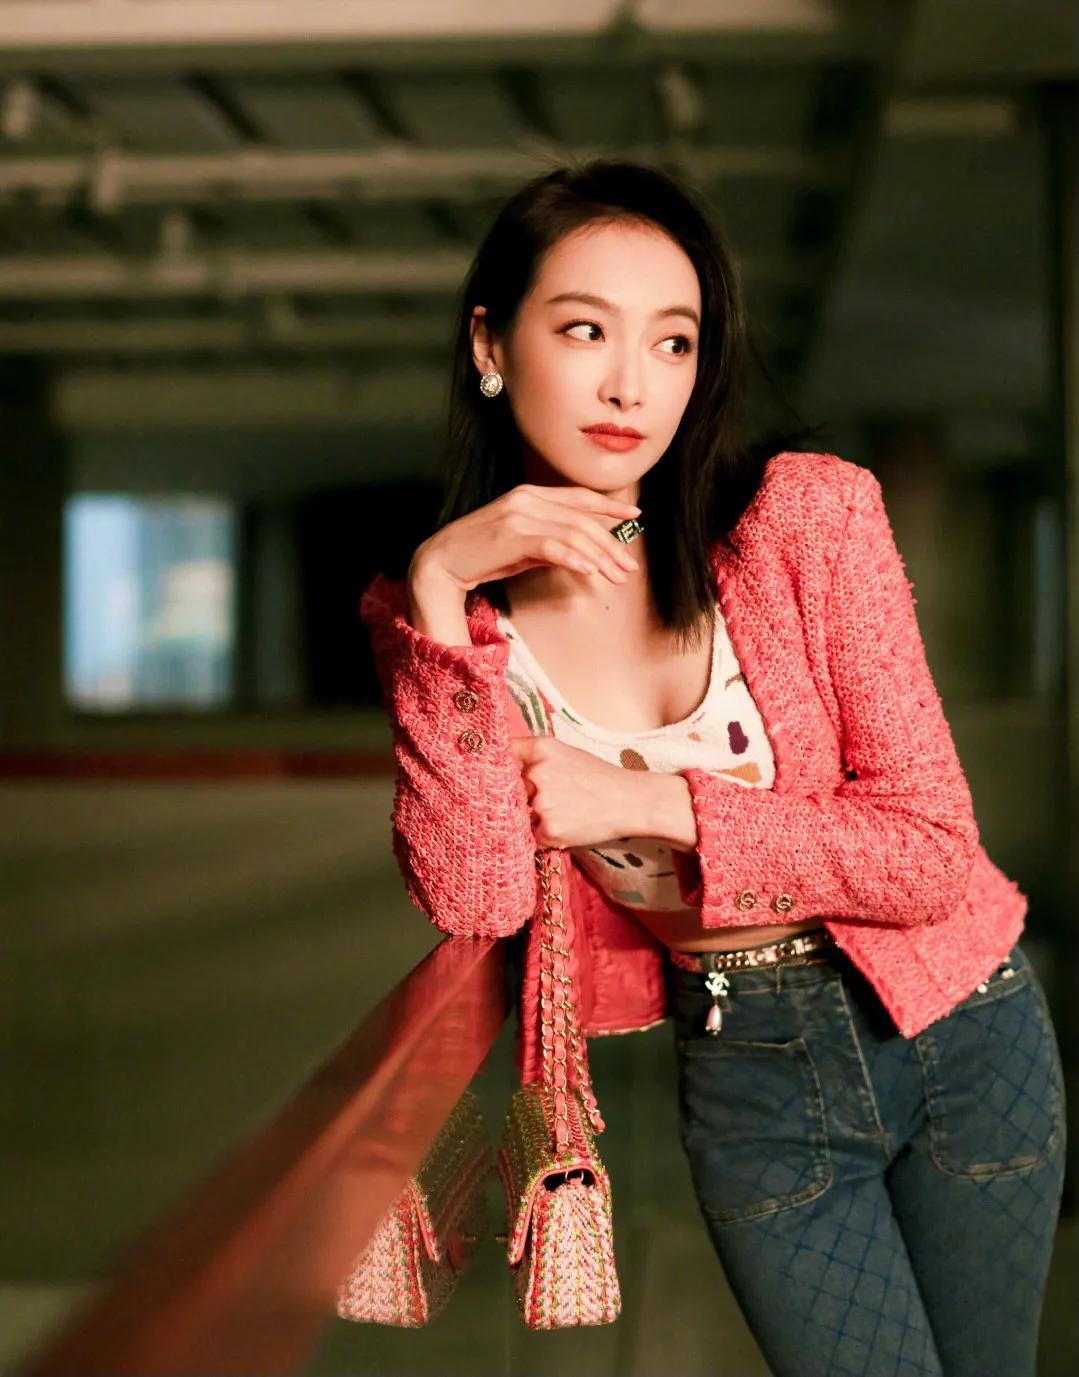 乘风破浪的姐姐2名单已出,杨幂刘亦菲等人疑似参加?